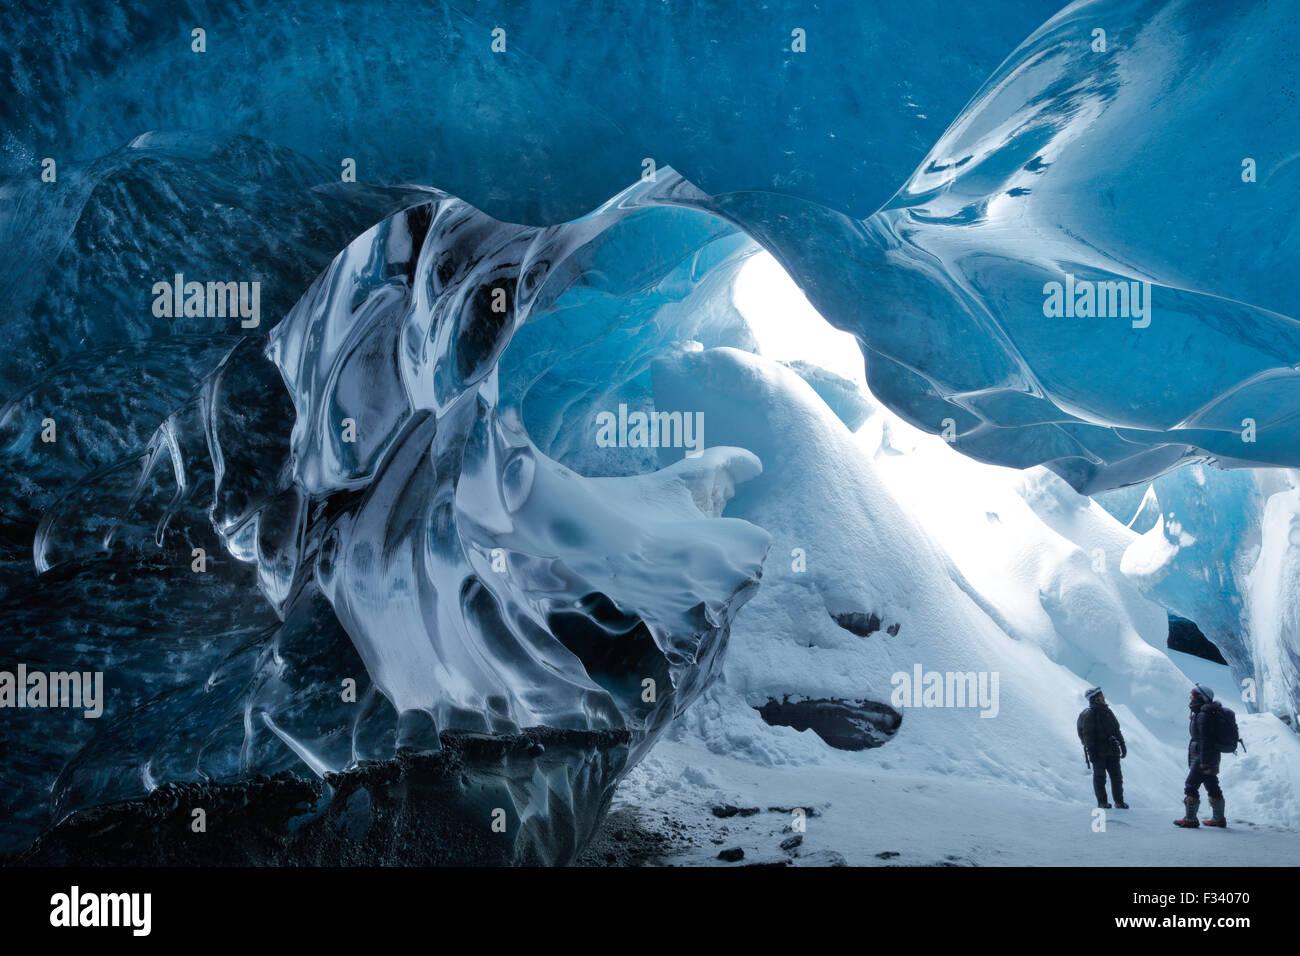 eine Eishöhle unter dem Breidemerkurjokull-Gletscher, Ost-Island Stockbild